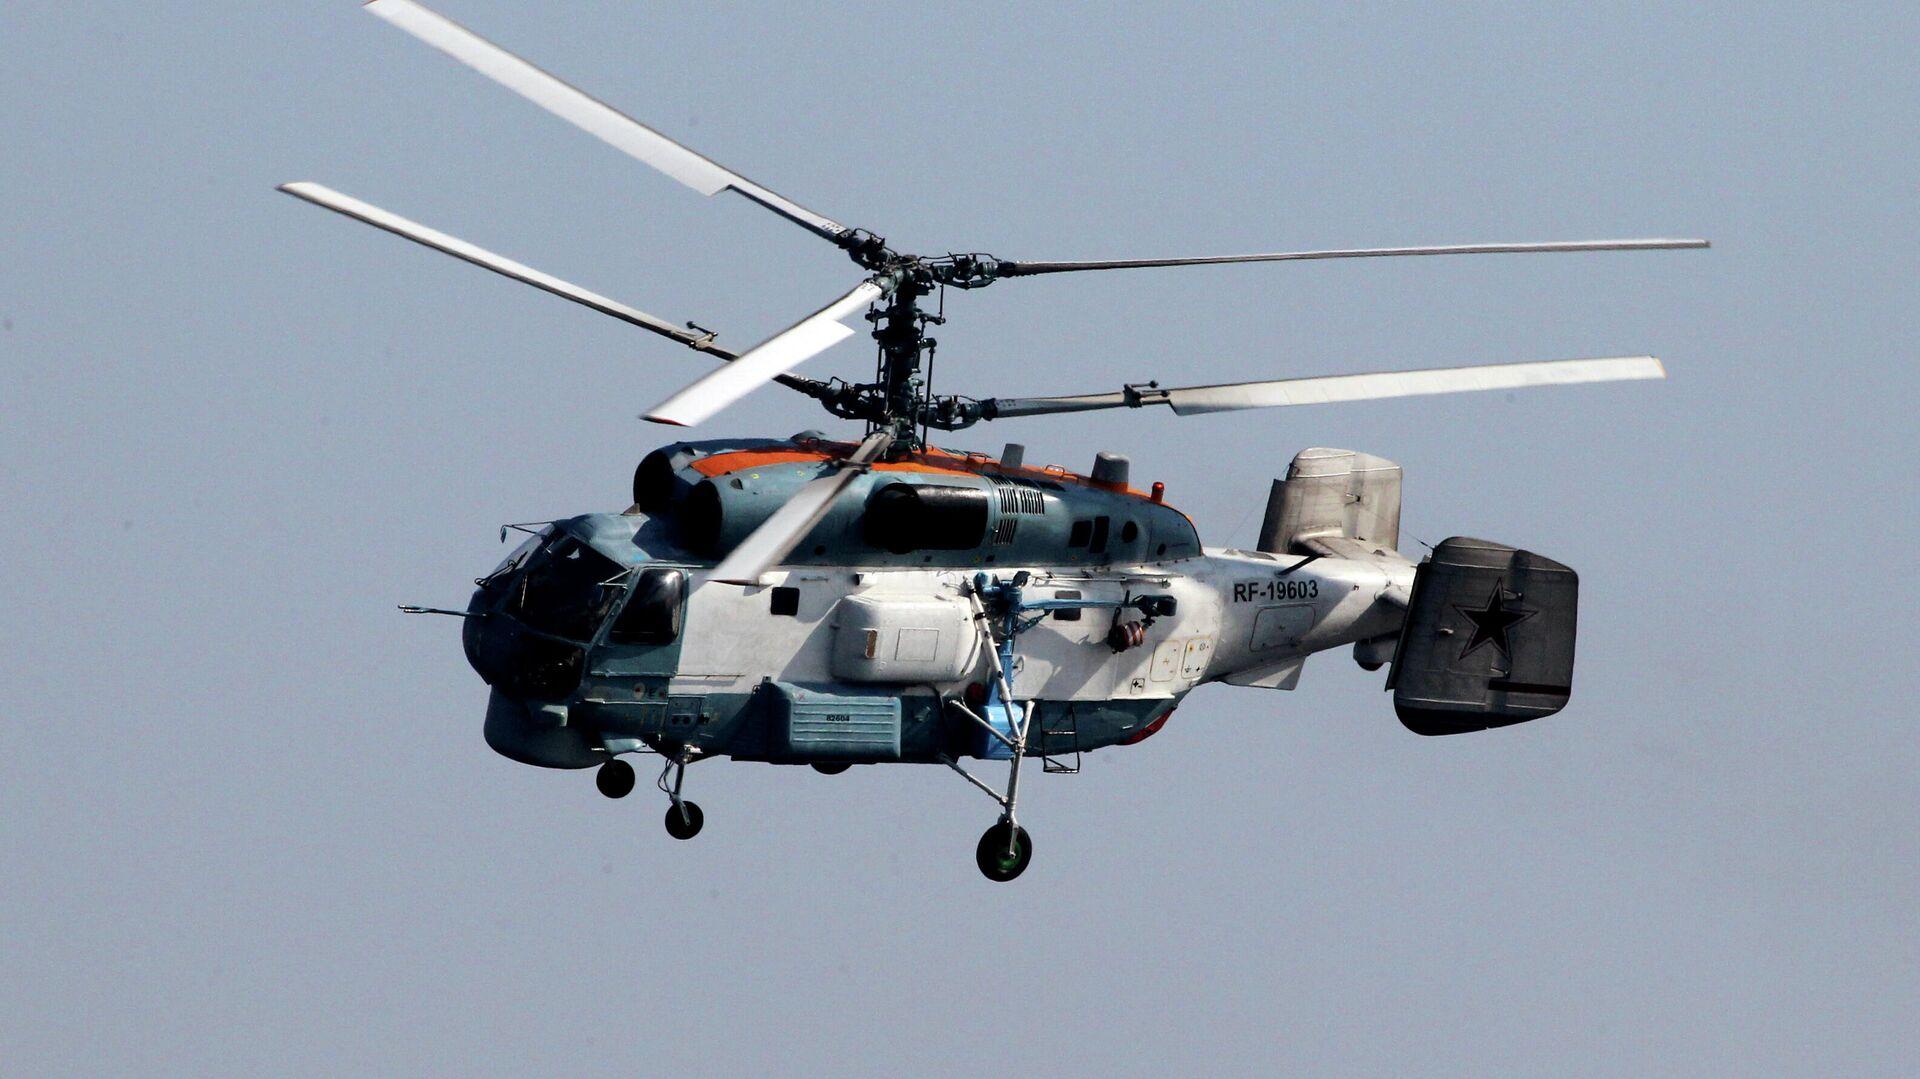 На Камчатке нашли тела всех членов экипажа упавшего вертолета Ка-27